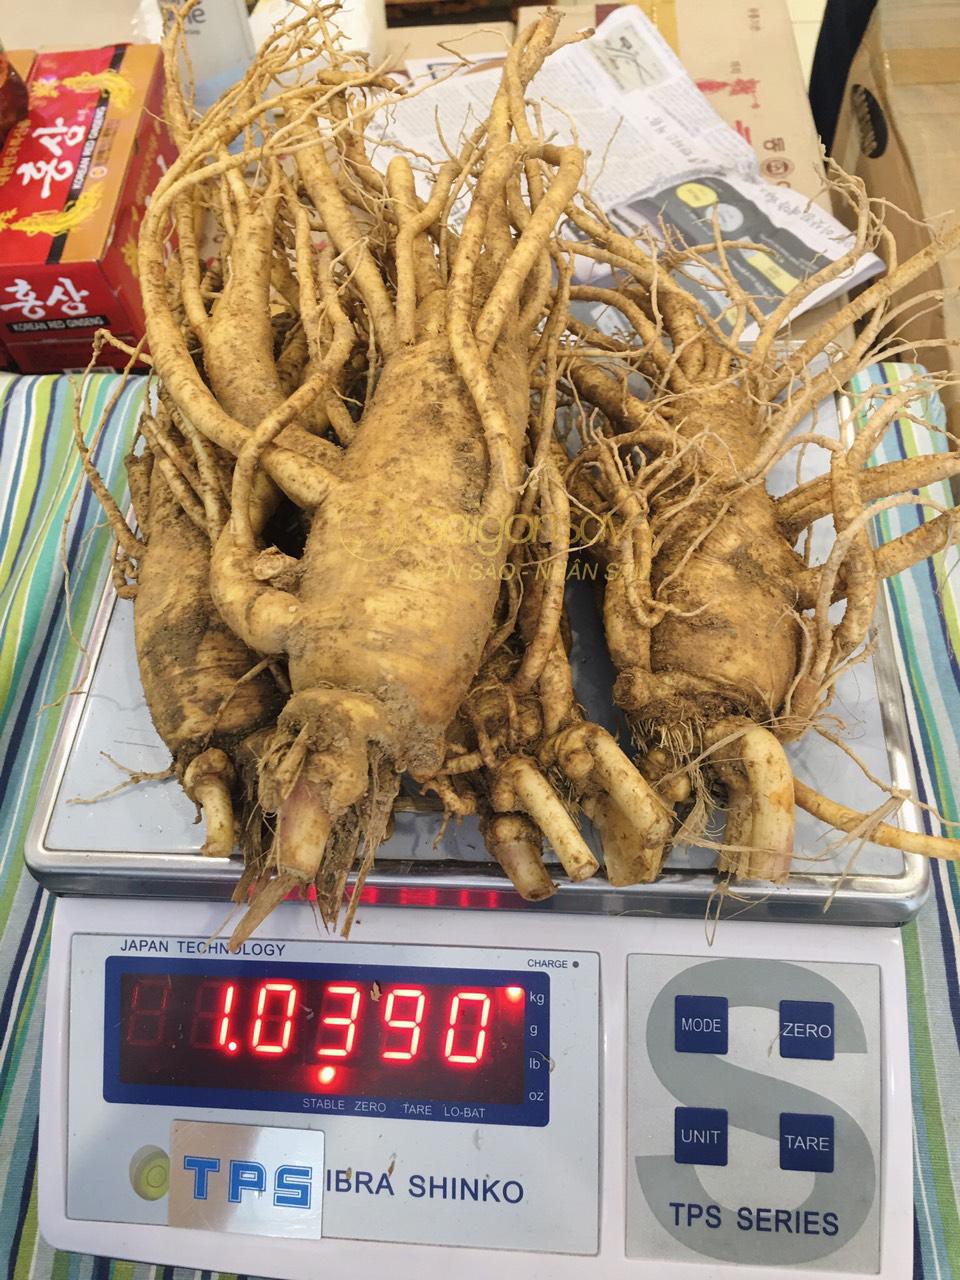 nhân sâm tươi hàn quốc loại 4 củ 1kg tại saigonsava